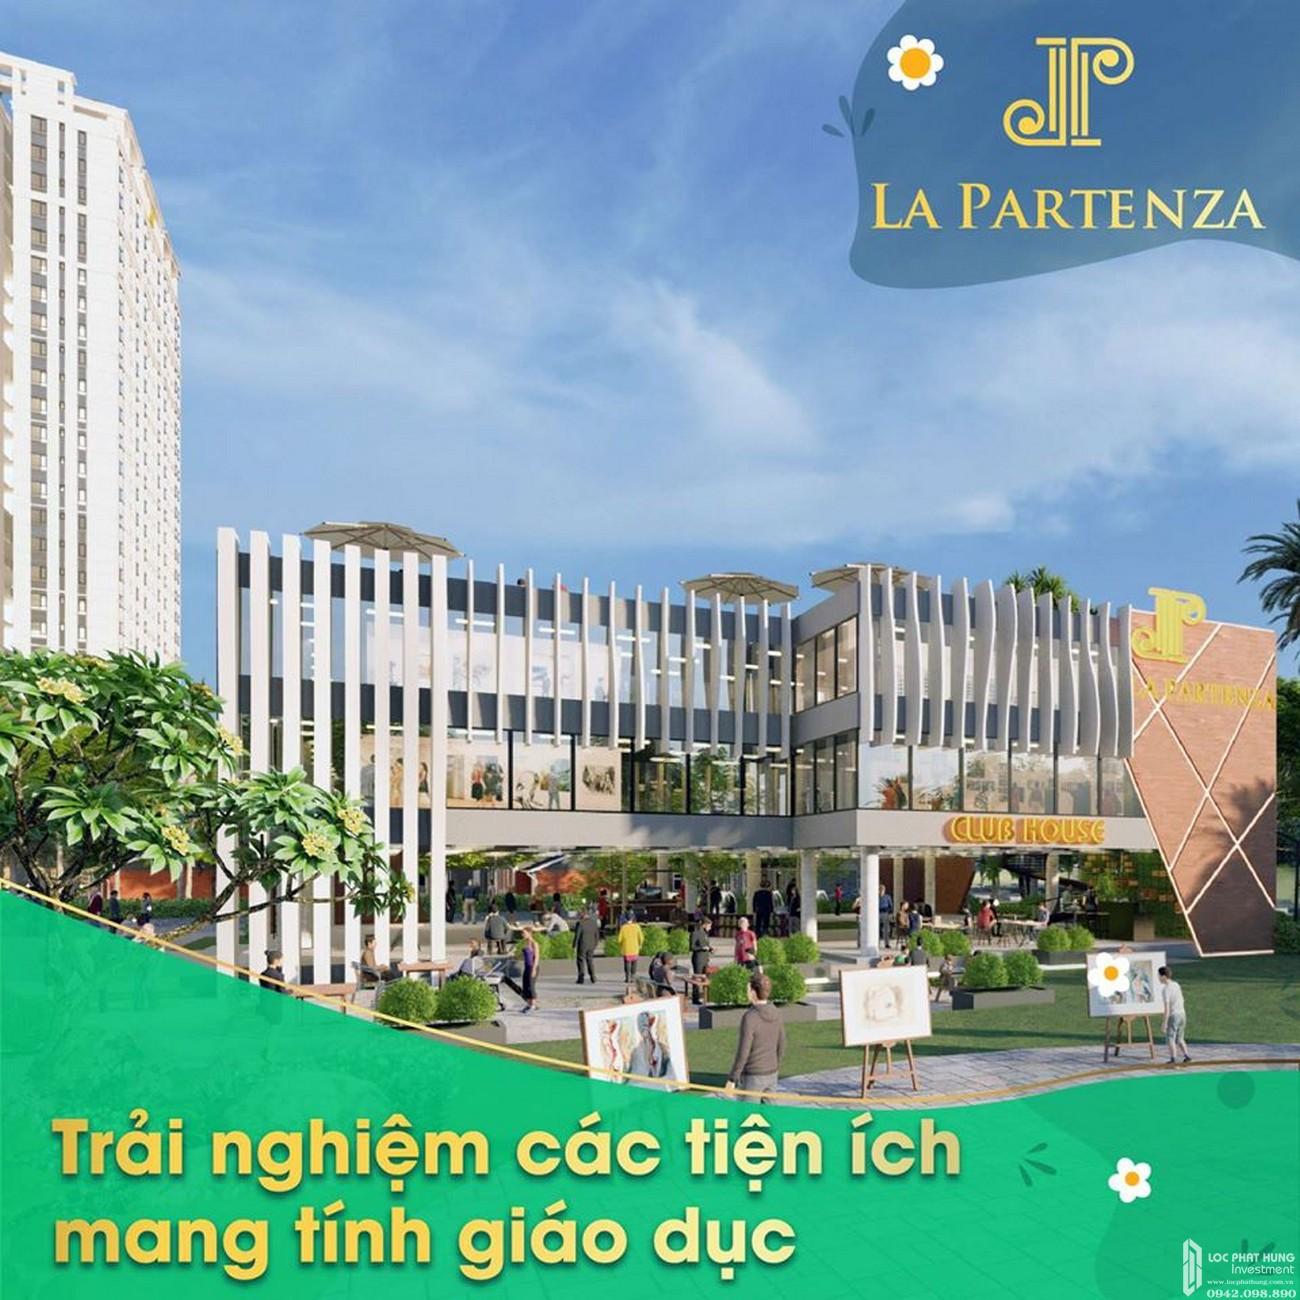 Đầu tư tương lai cho con trẻ tại La Partenza Nhà Bè